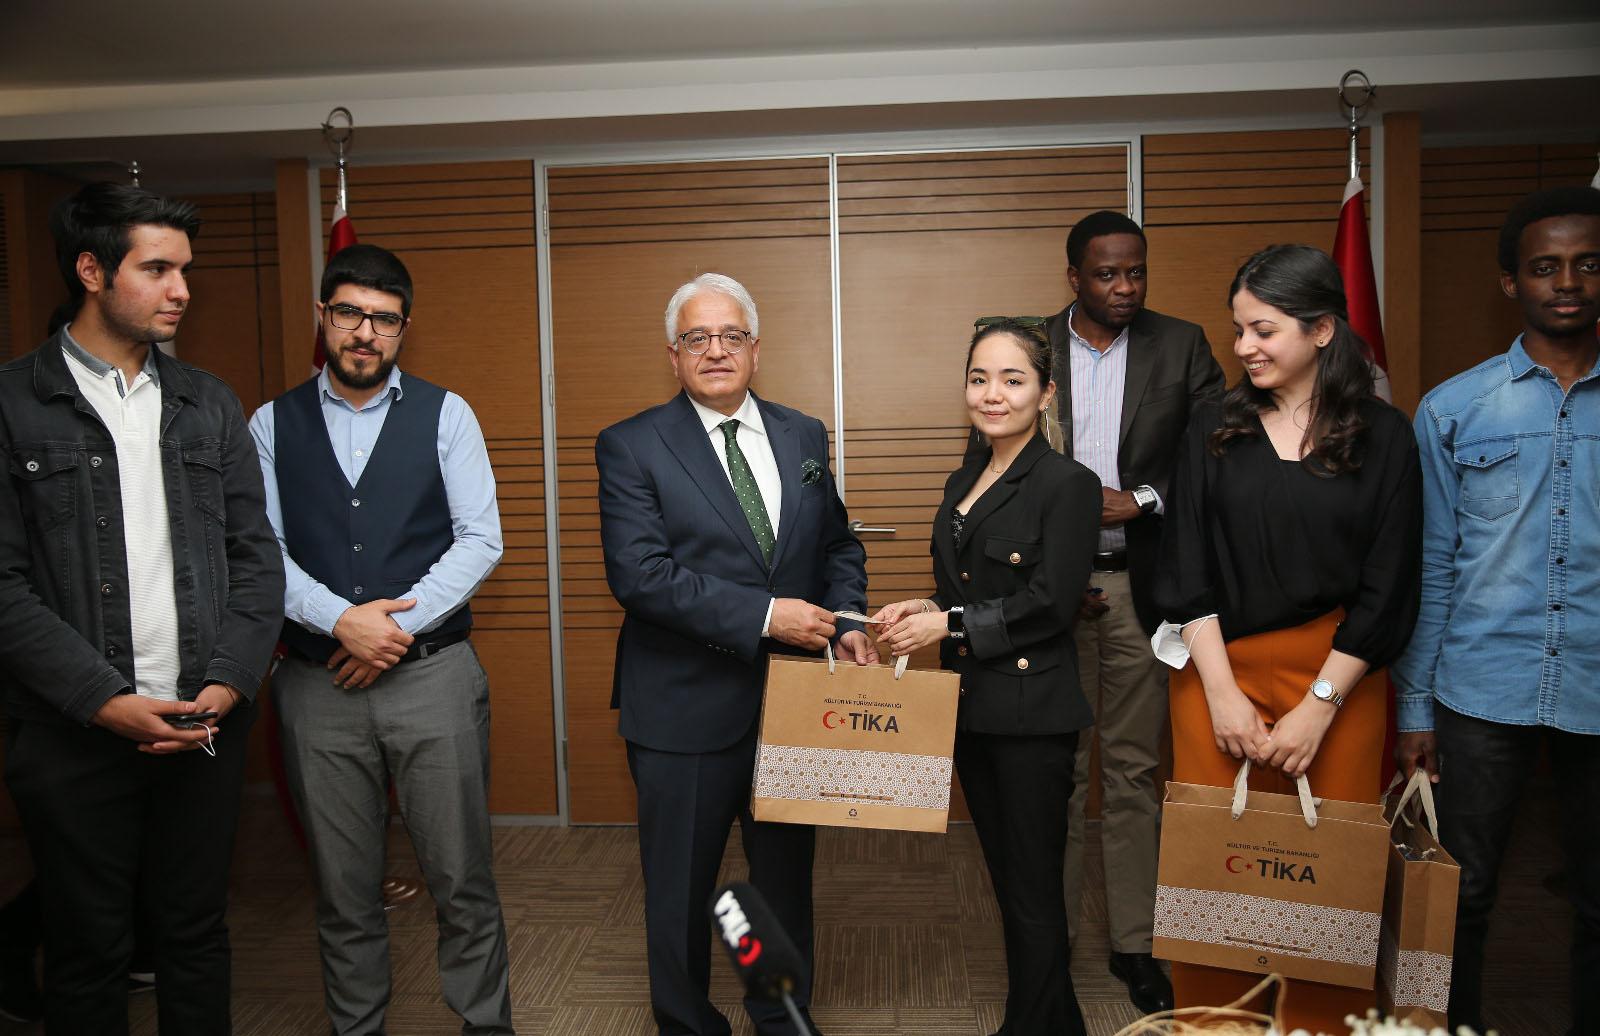 'Uluslararası Diplomasi Okulu' Öğrencileri TİKA Başkan Yardımcısı Dr. Mahmut Çevik'i Ziyaret Ettiler